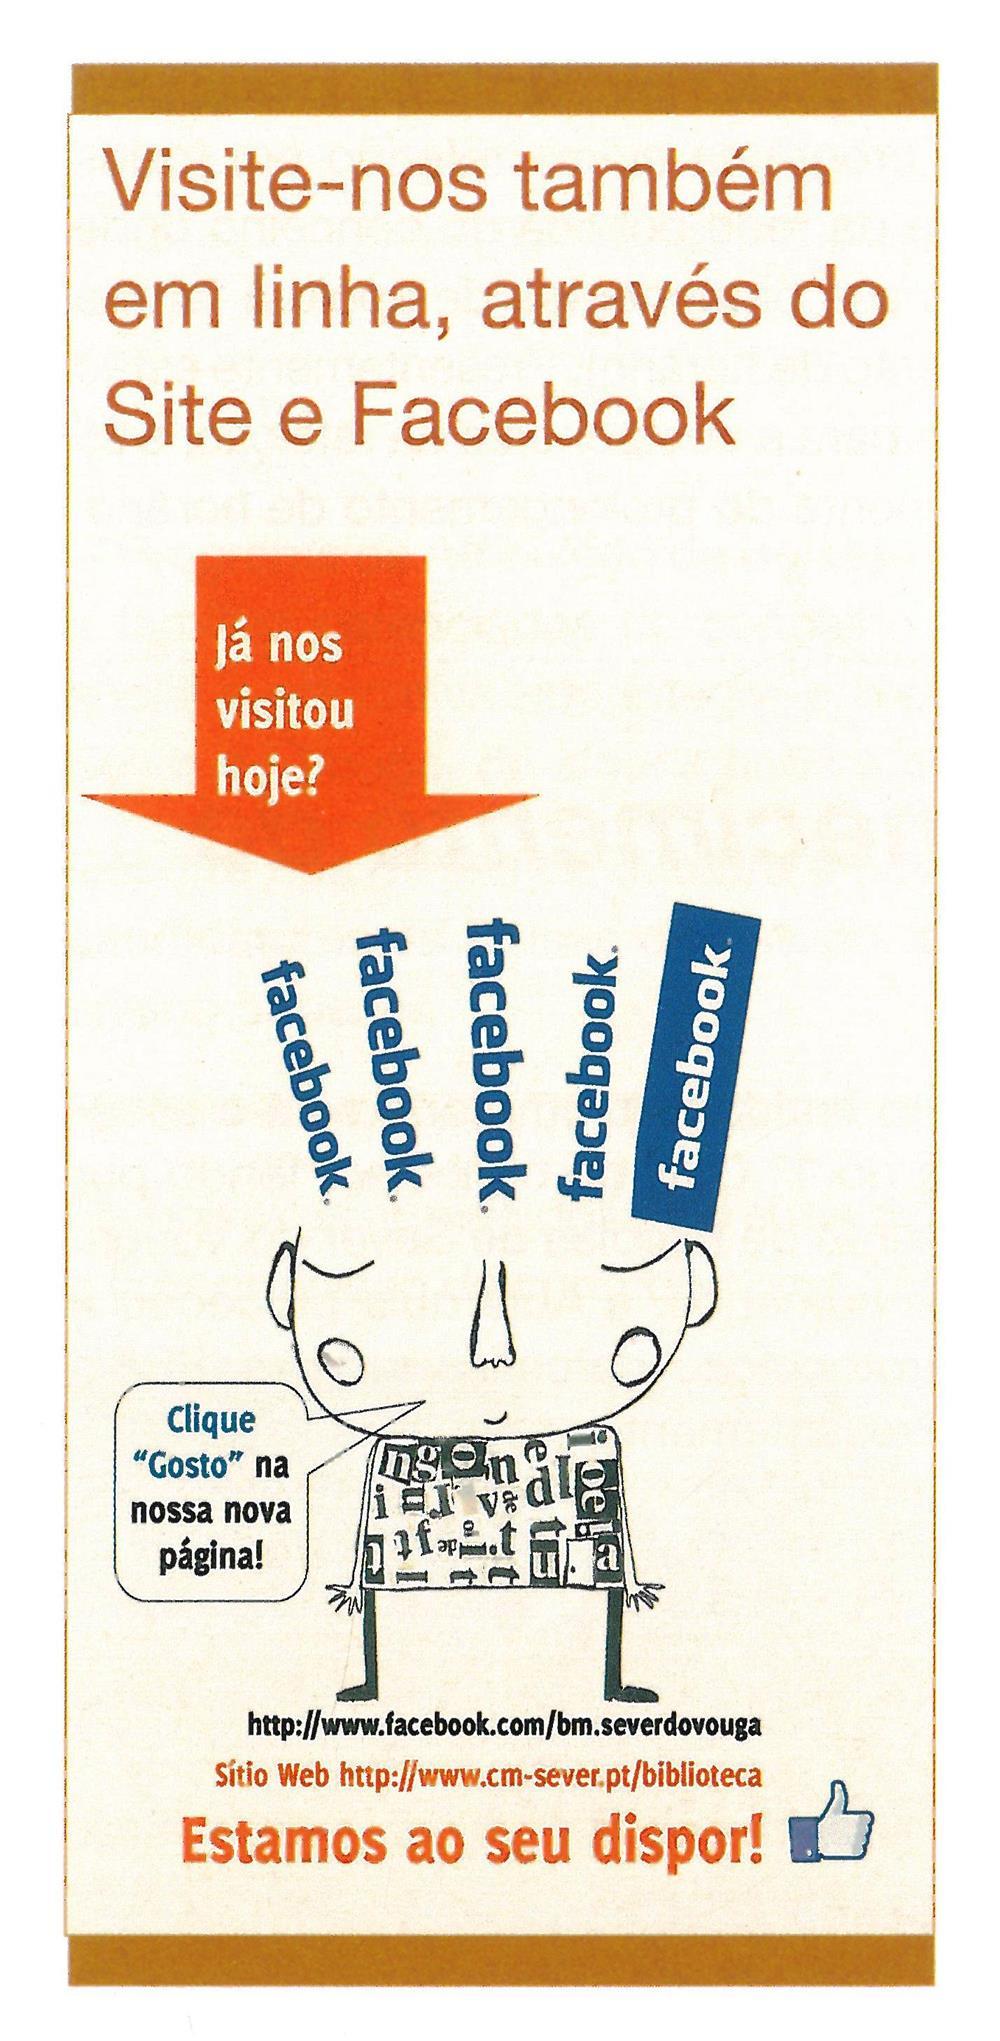 BoletimMunicipal-n.º 36-nov.'16-p.51-Visite-nos também em linha, através do site e facebook : educação, cultura e turismo.jpg